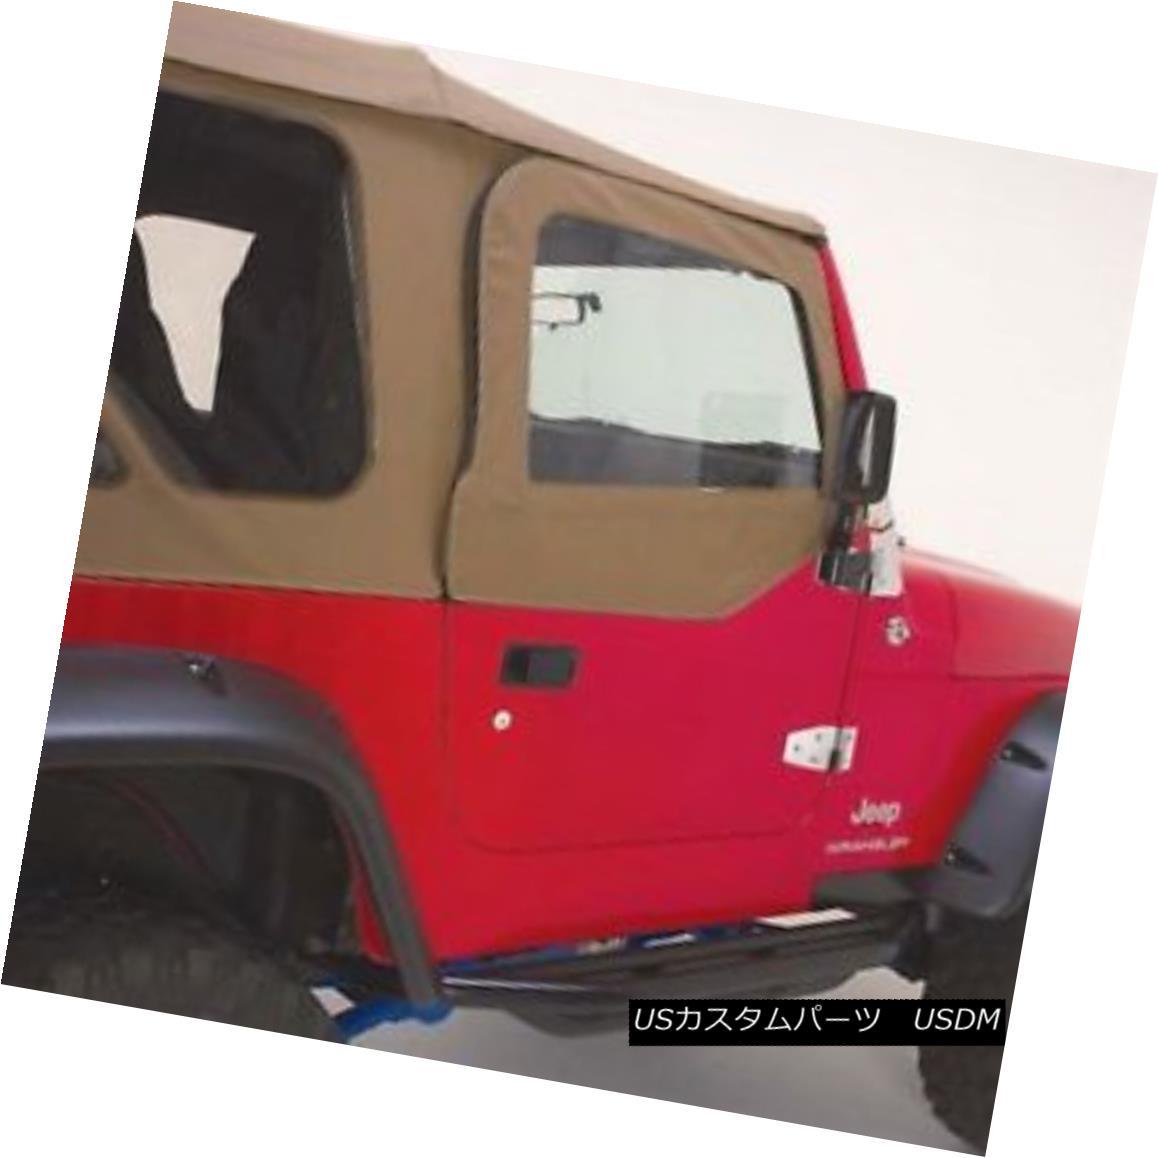 幌・ソフトトップ Rampage 68336 Replacement Soft Top with Frame and Hardware 97-06 Jeep Wrangler 暴れ68336フレームとハードウェアの交換用ソフトトップ97-06ジープラングラー